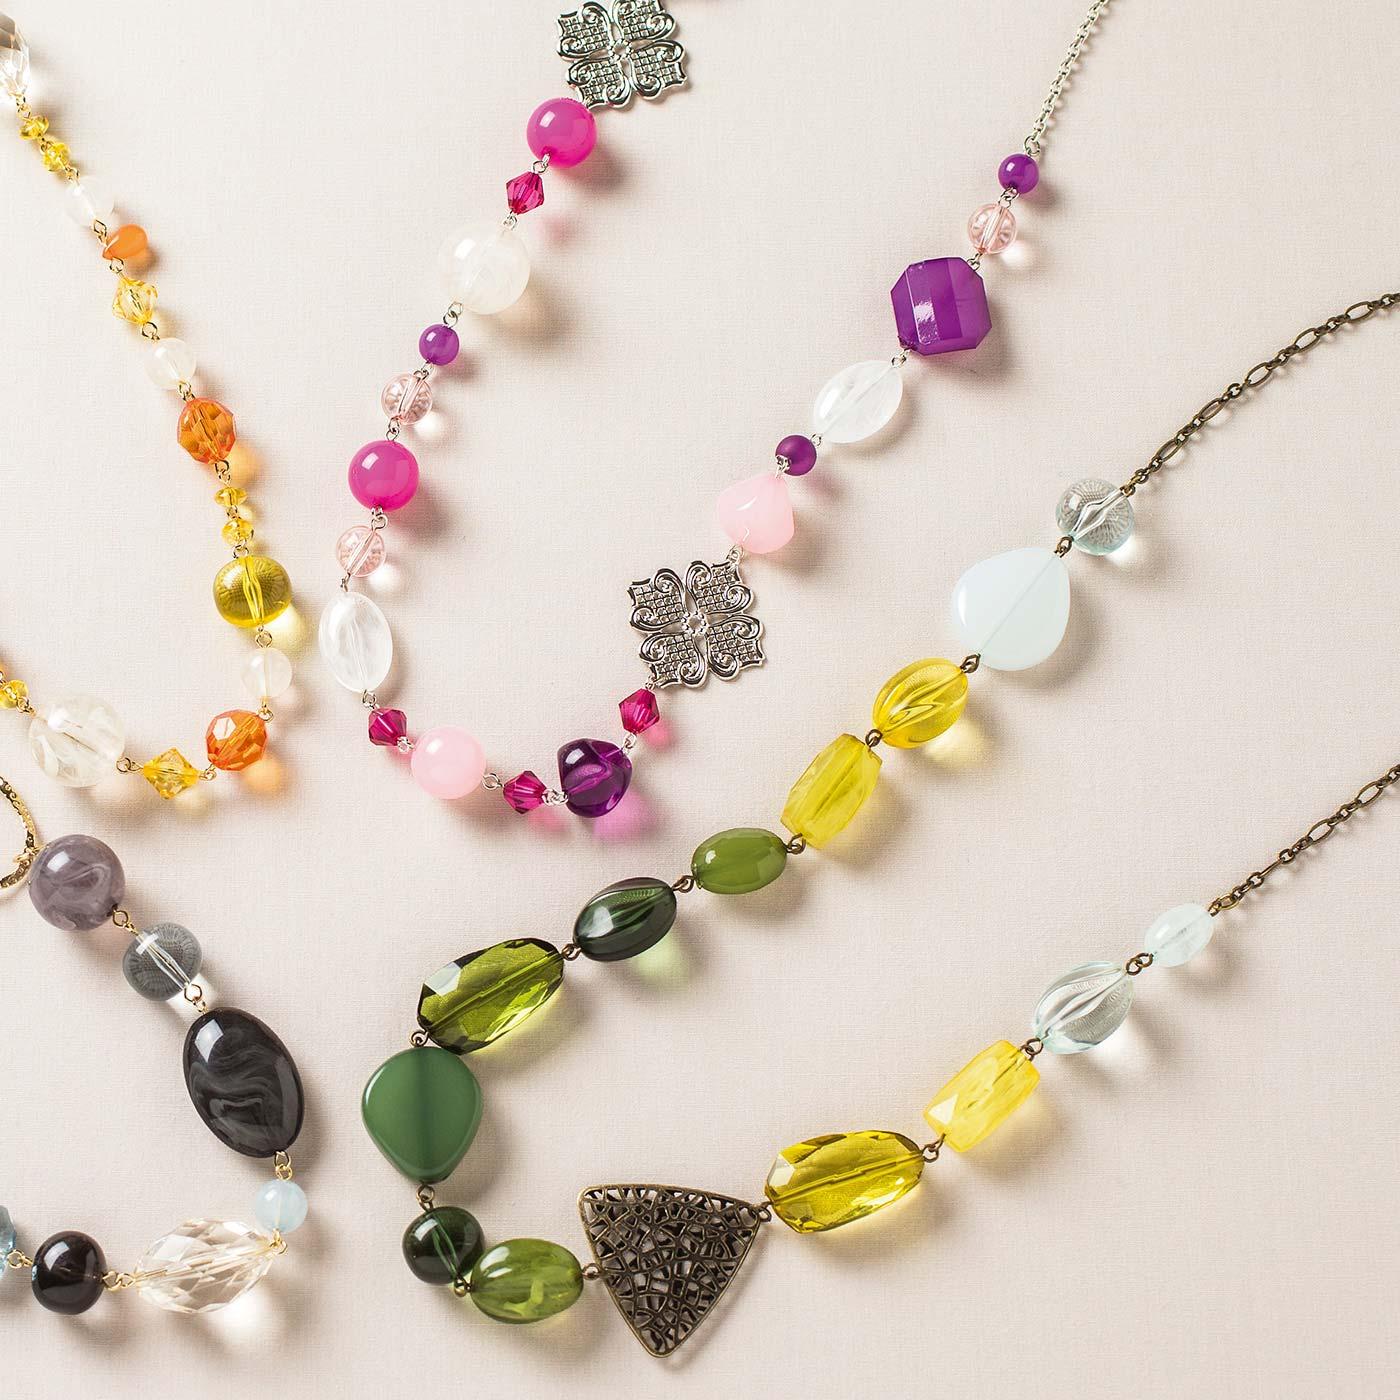 シルバーの透かしパーツがきらめく グレープカラーのネックレス グリーンのグラデーションが美しい 9ピンつなぎのネックレス